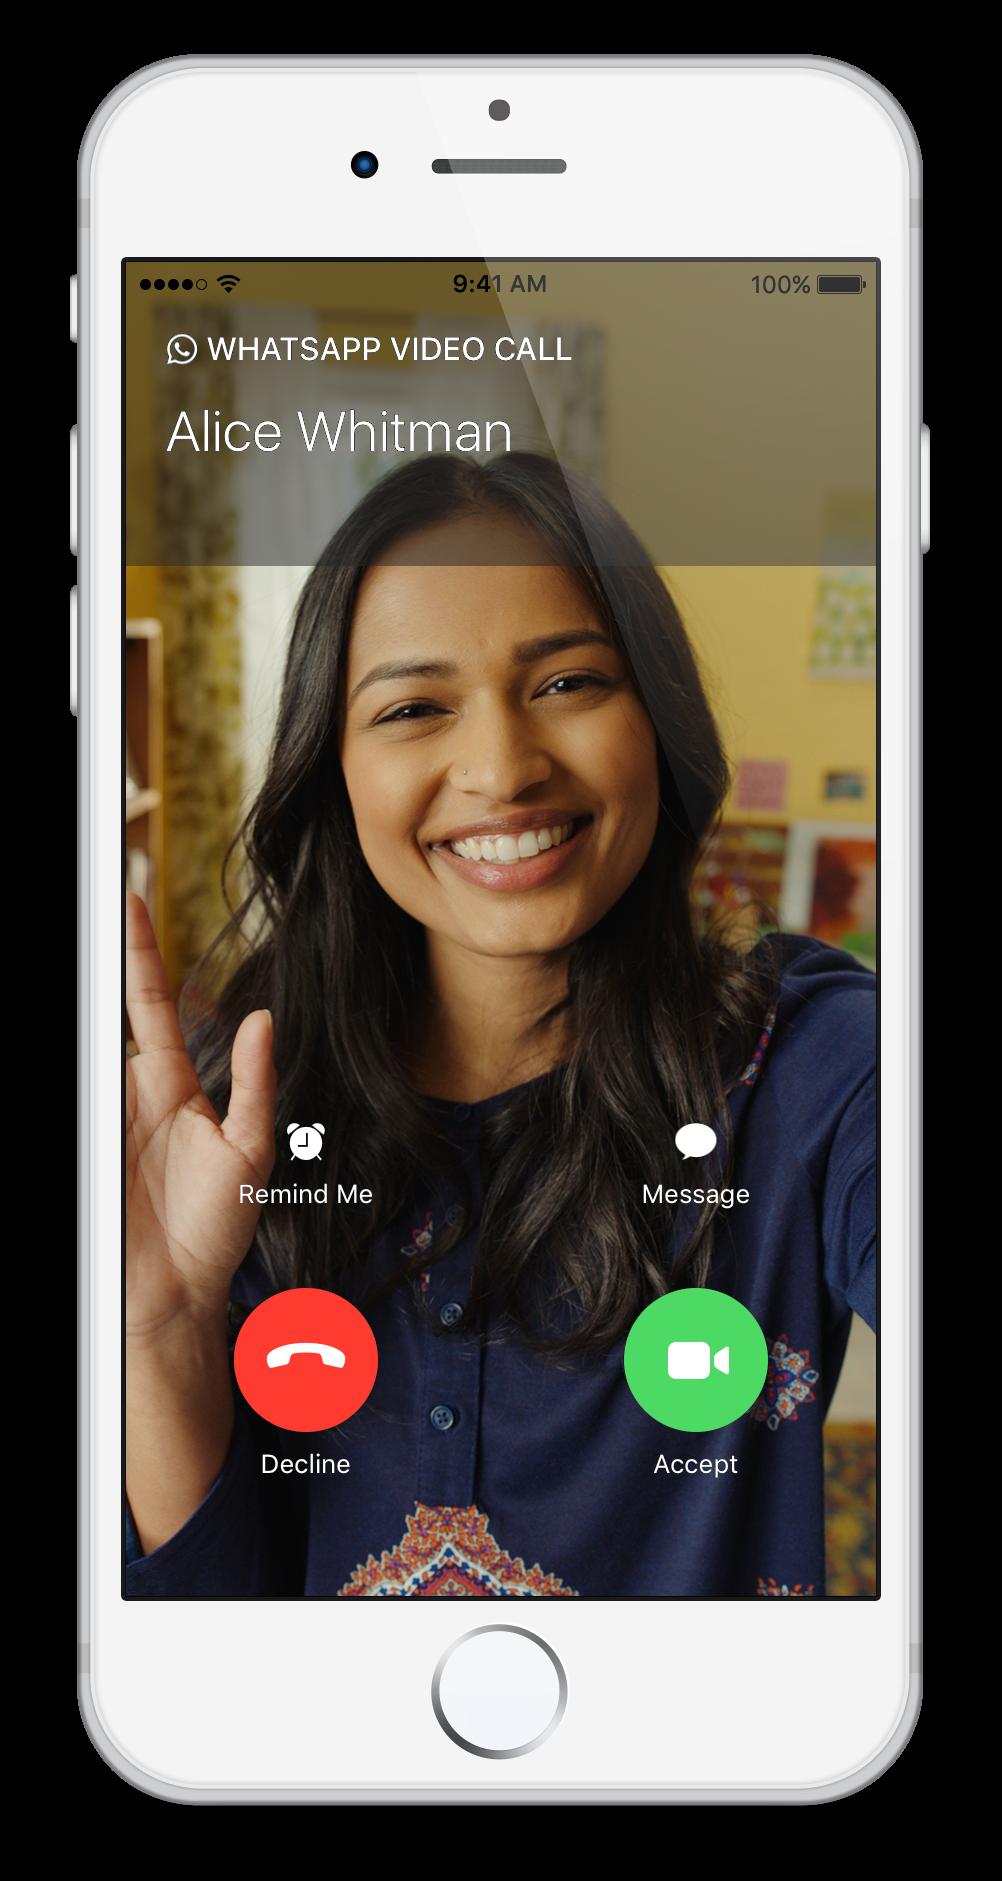 Как сделать видеозвонок whatsapp